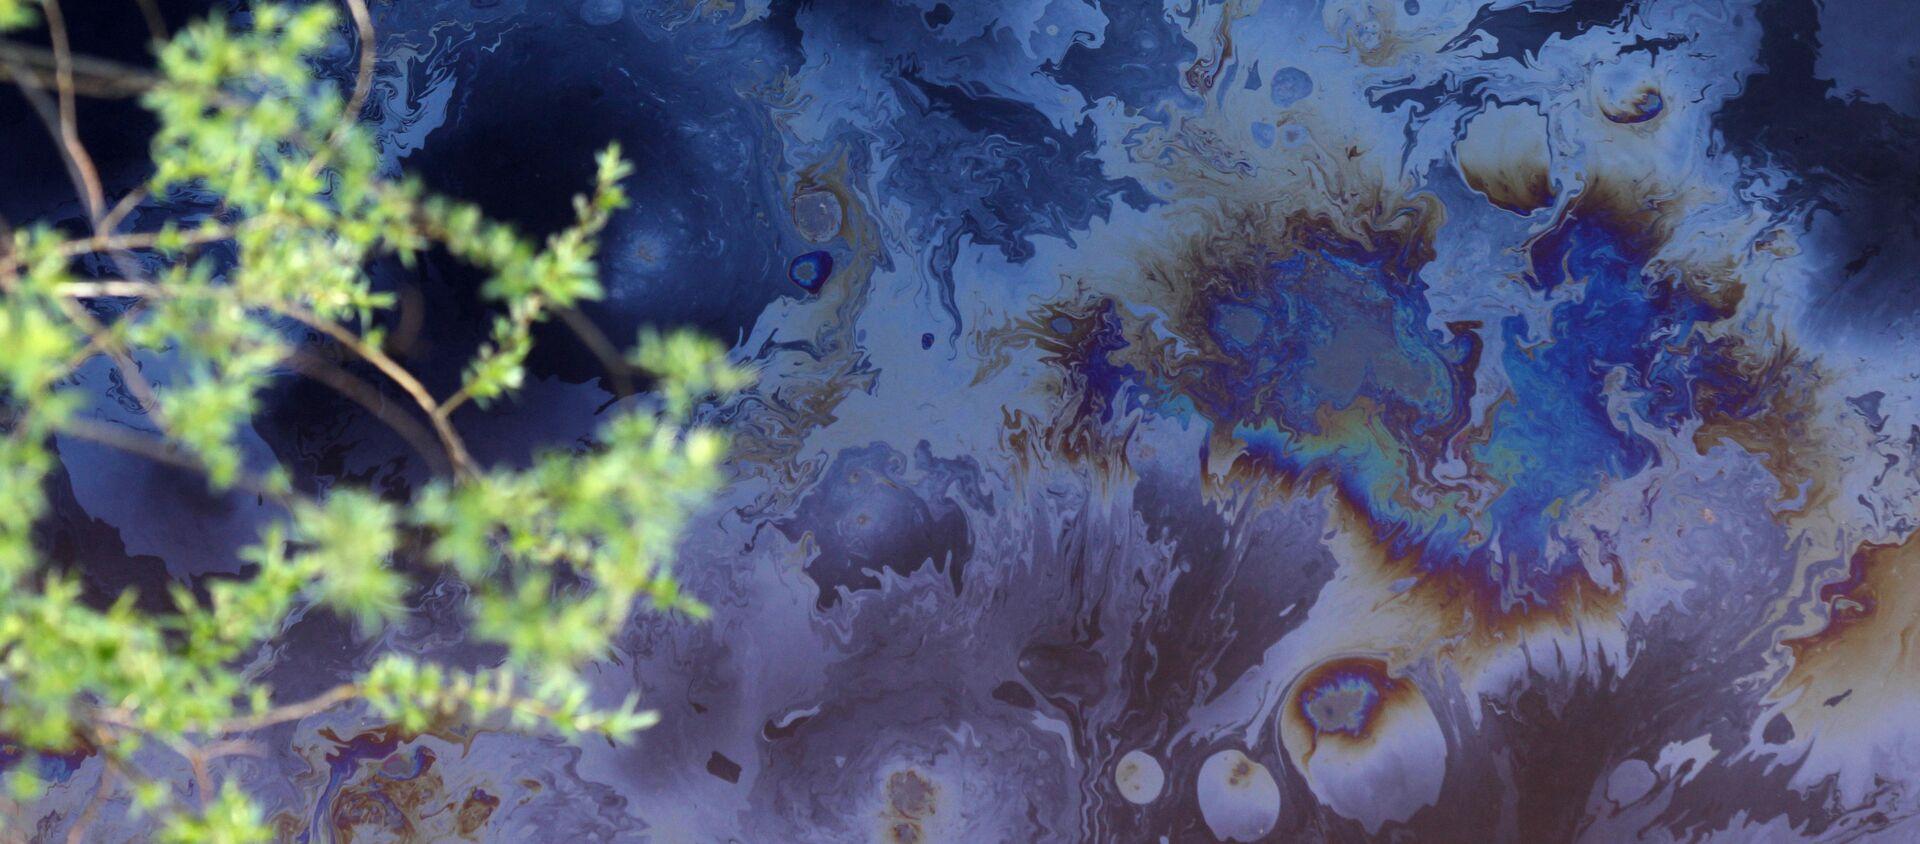 Una mancha de petróleo en un río - Sputnik Mundo, 1920, 02.09.2020